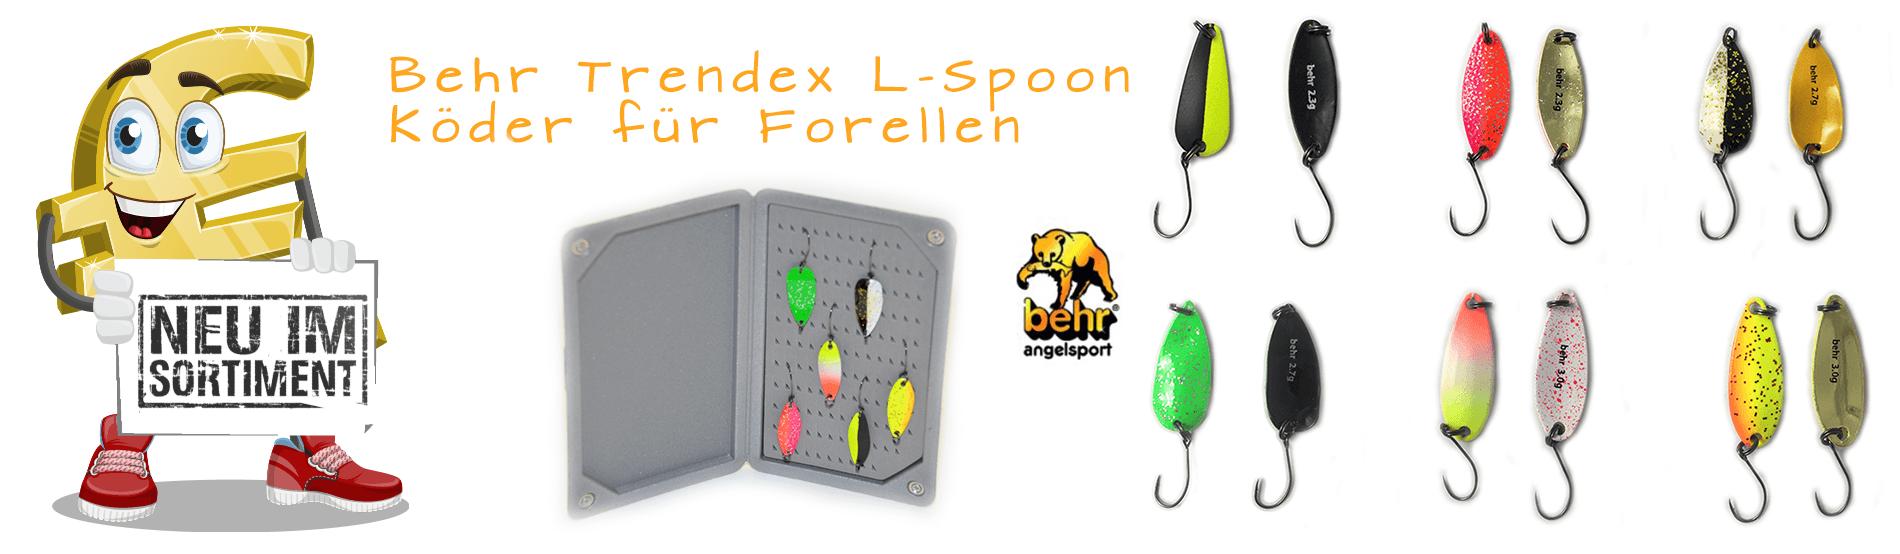 Behr Trendex L-Spoon Köder